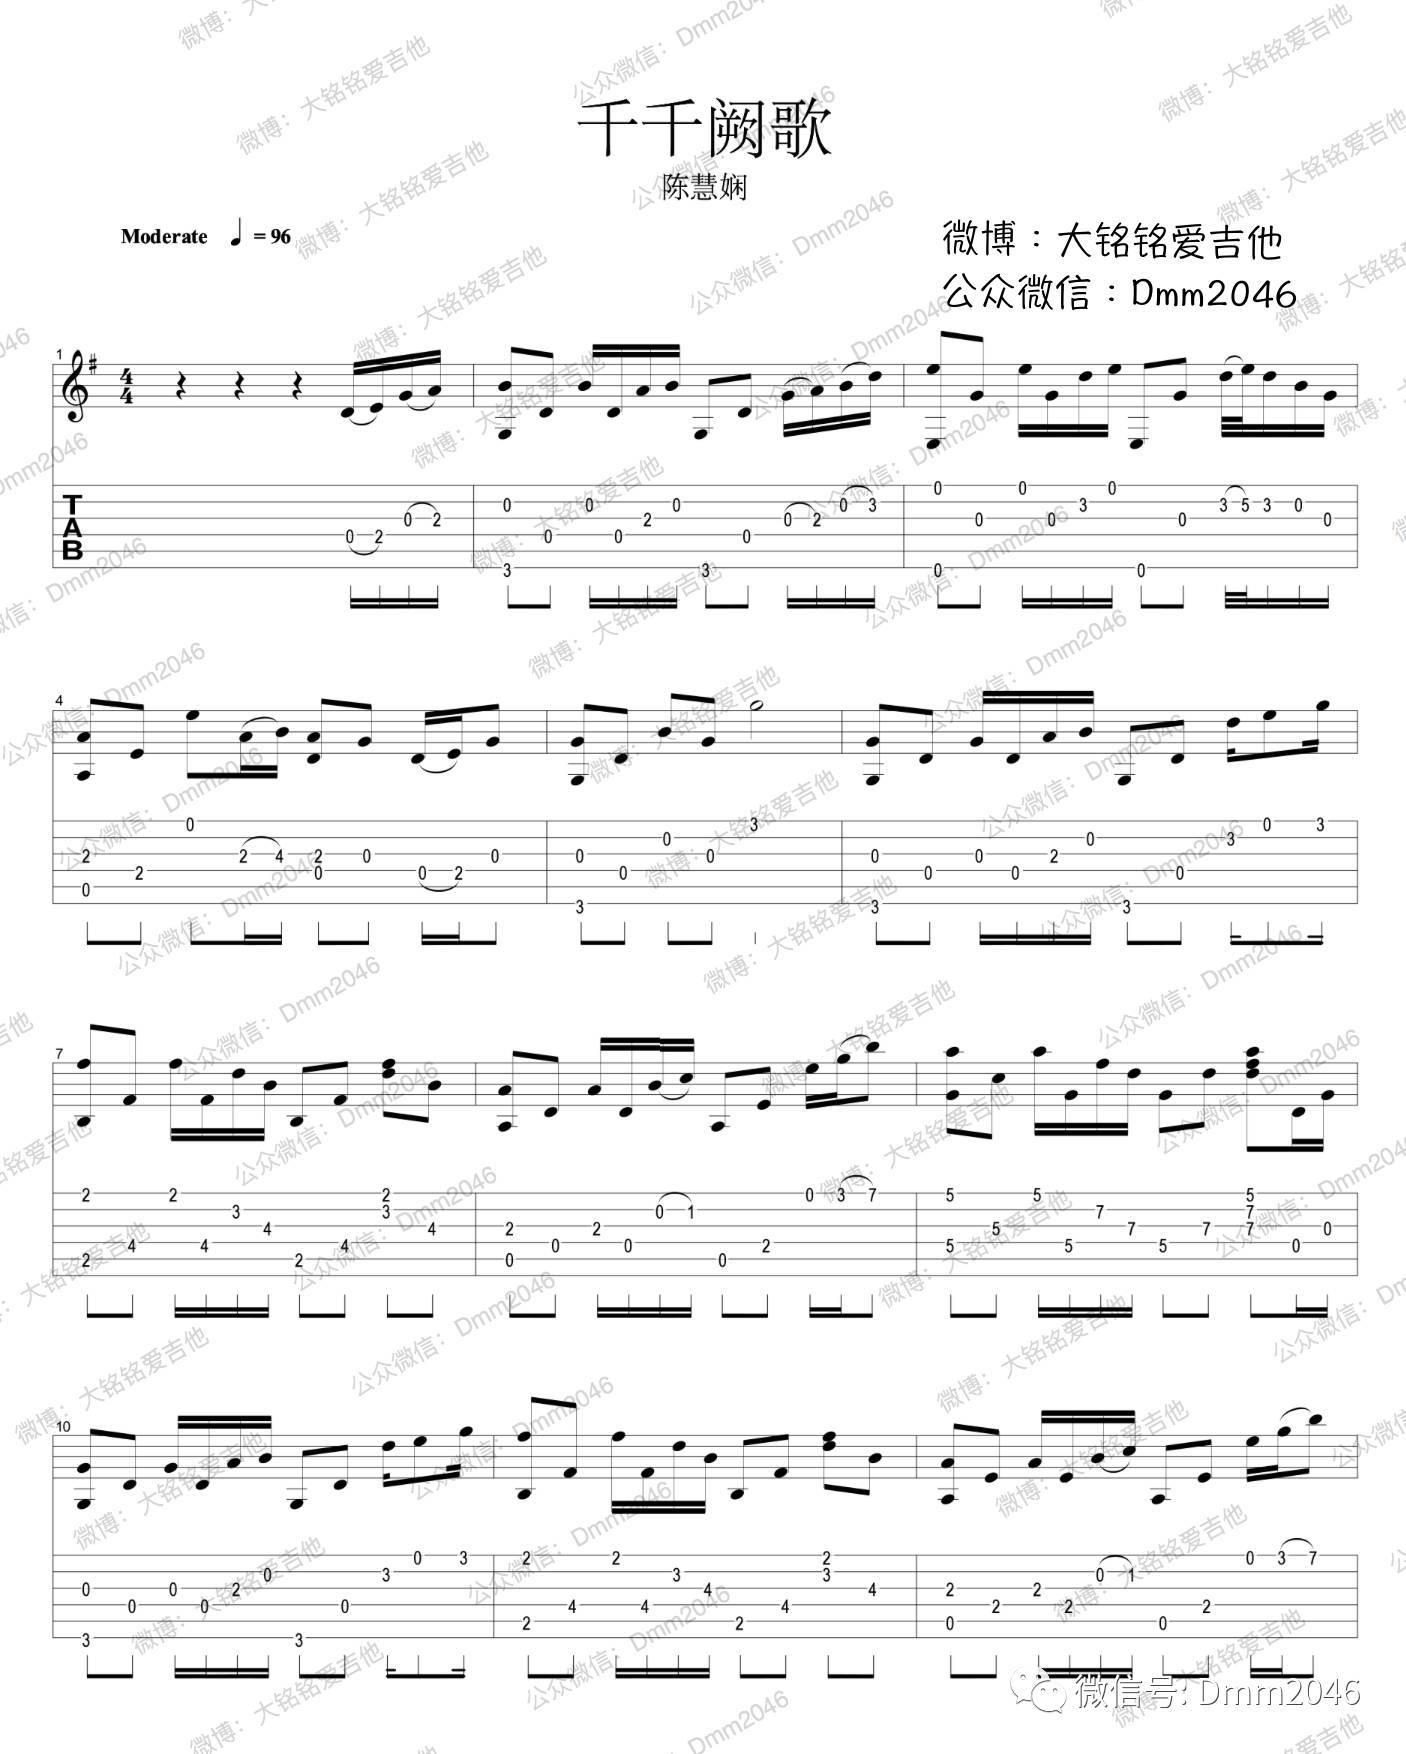 《千千阙歌》吉他指弹谱